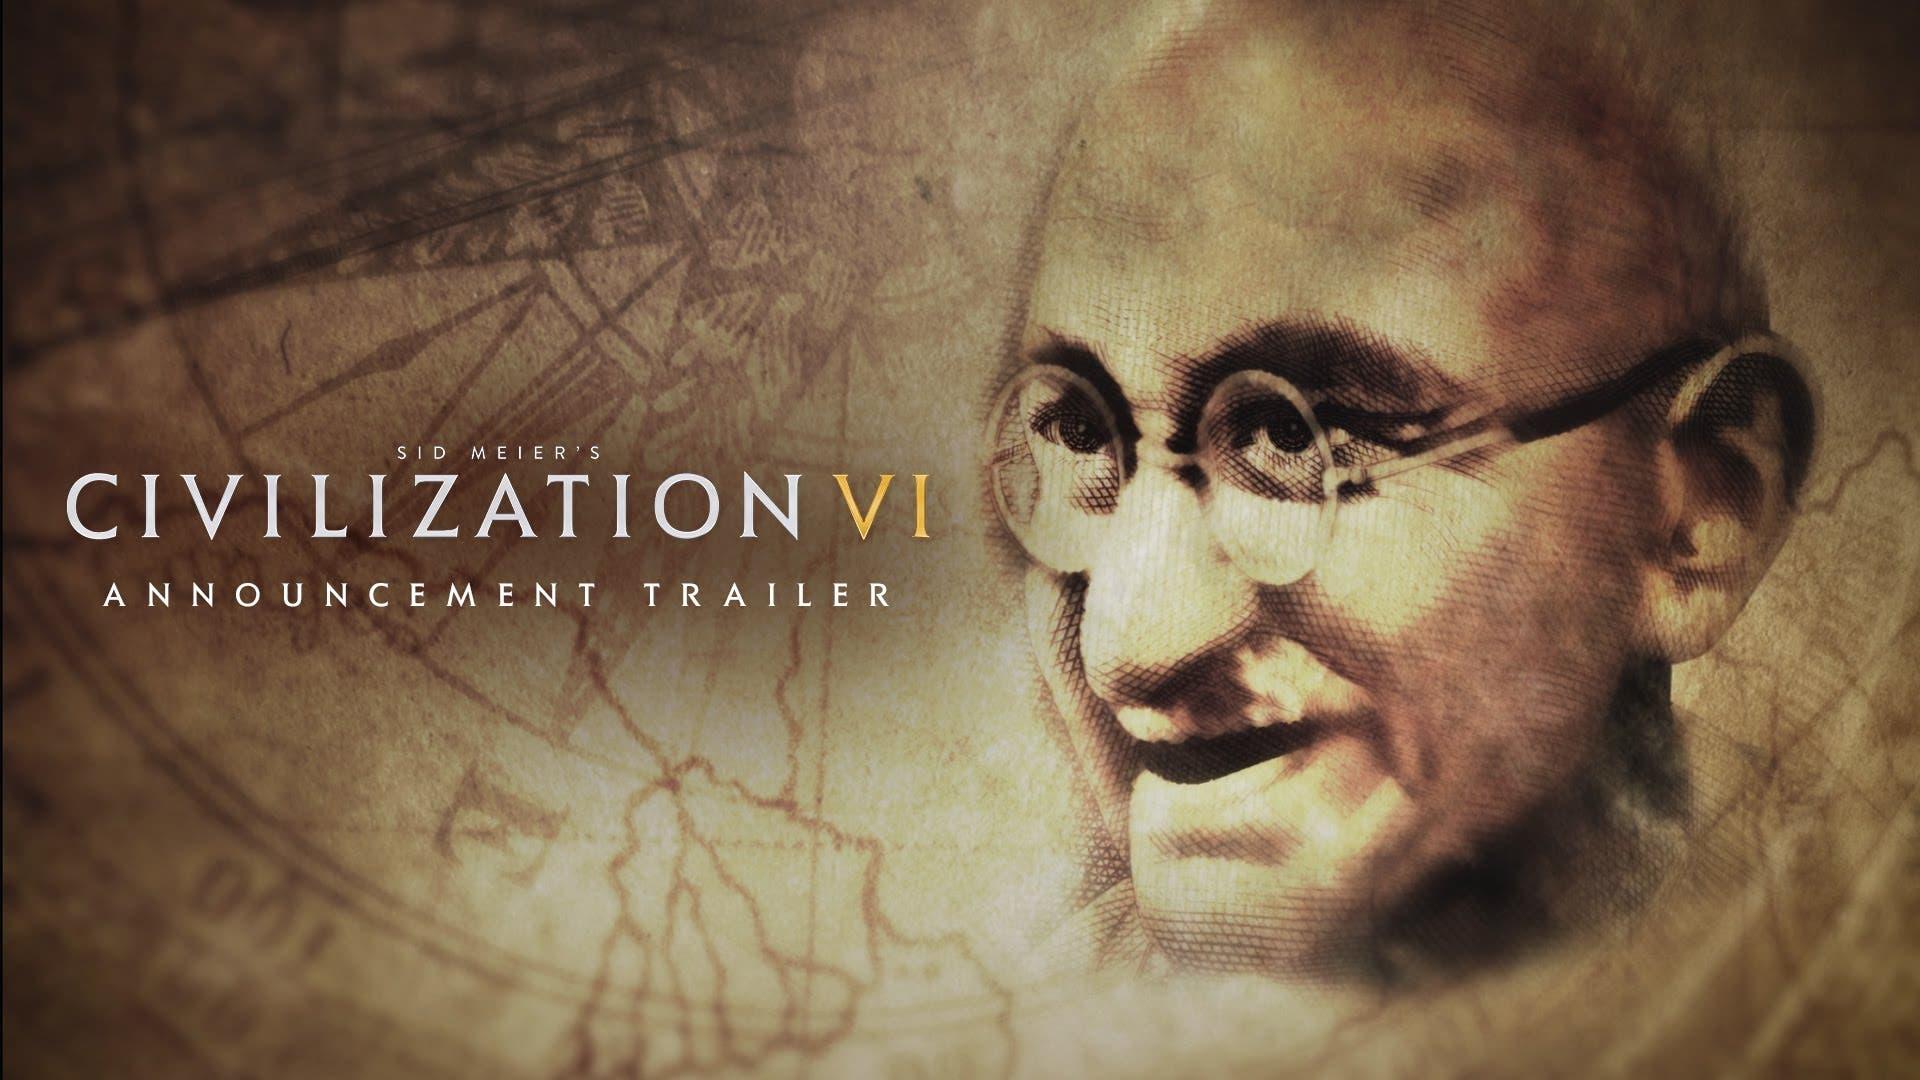 sid meiers civilization vi will